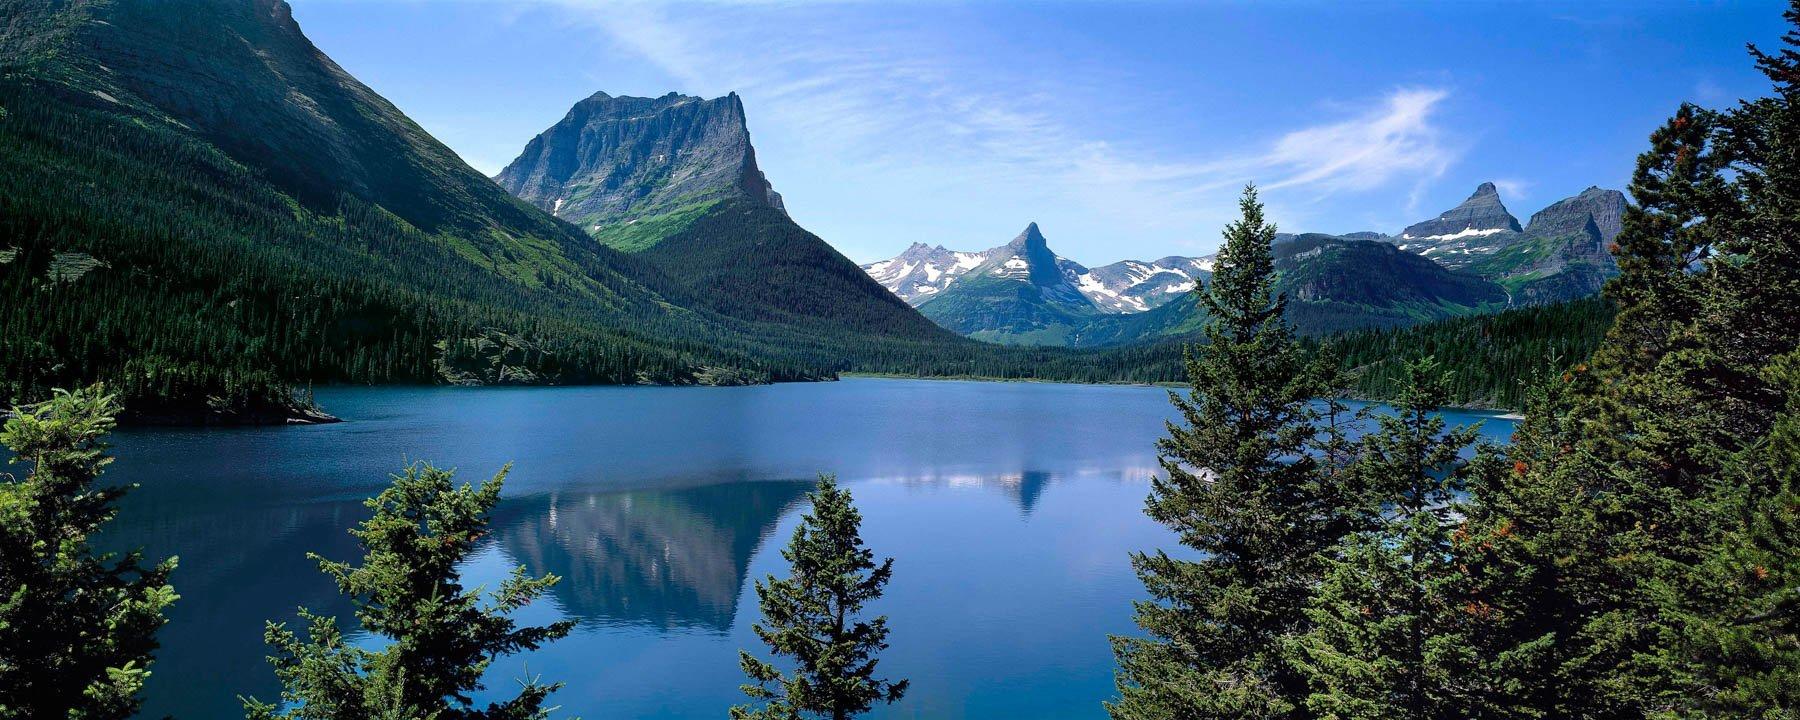 St. Mary Lake, Montana, USA